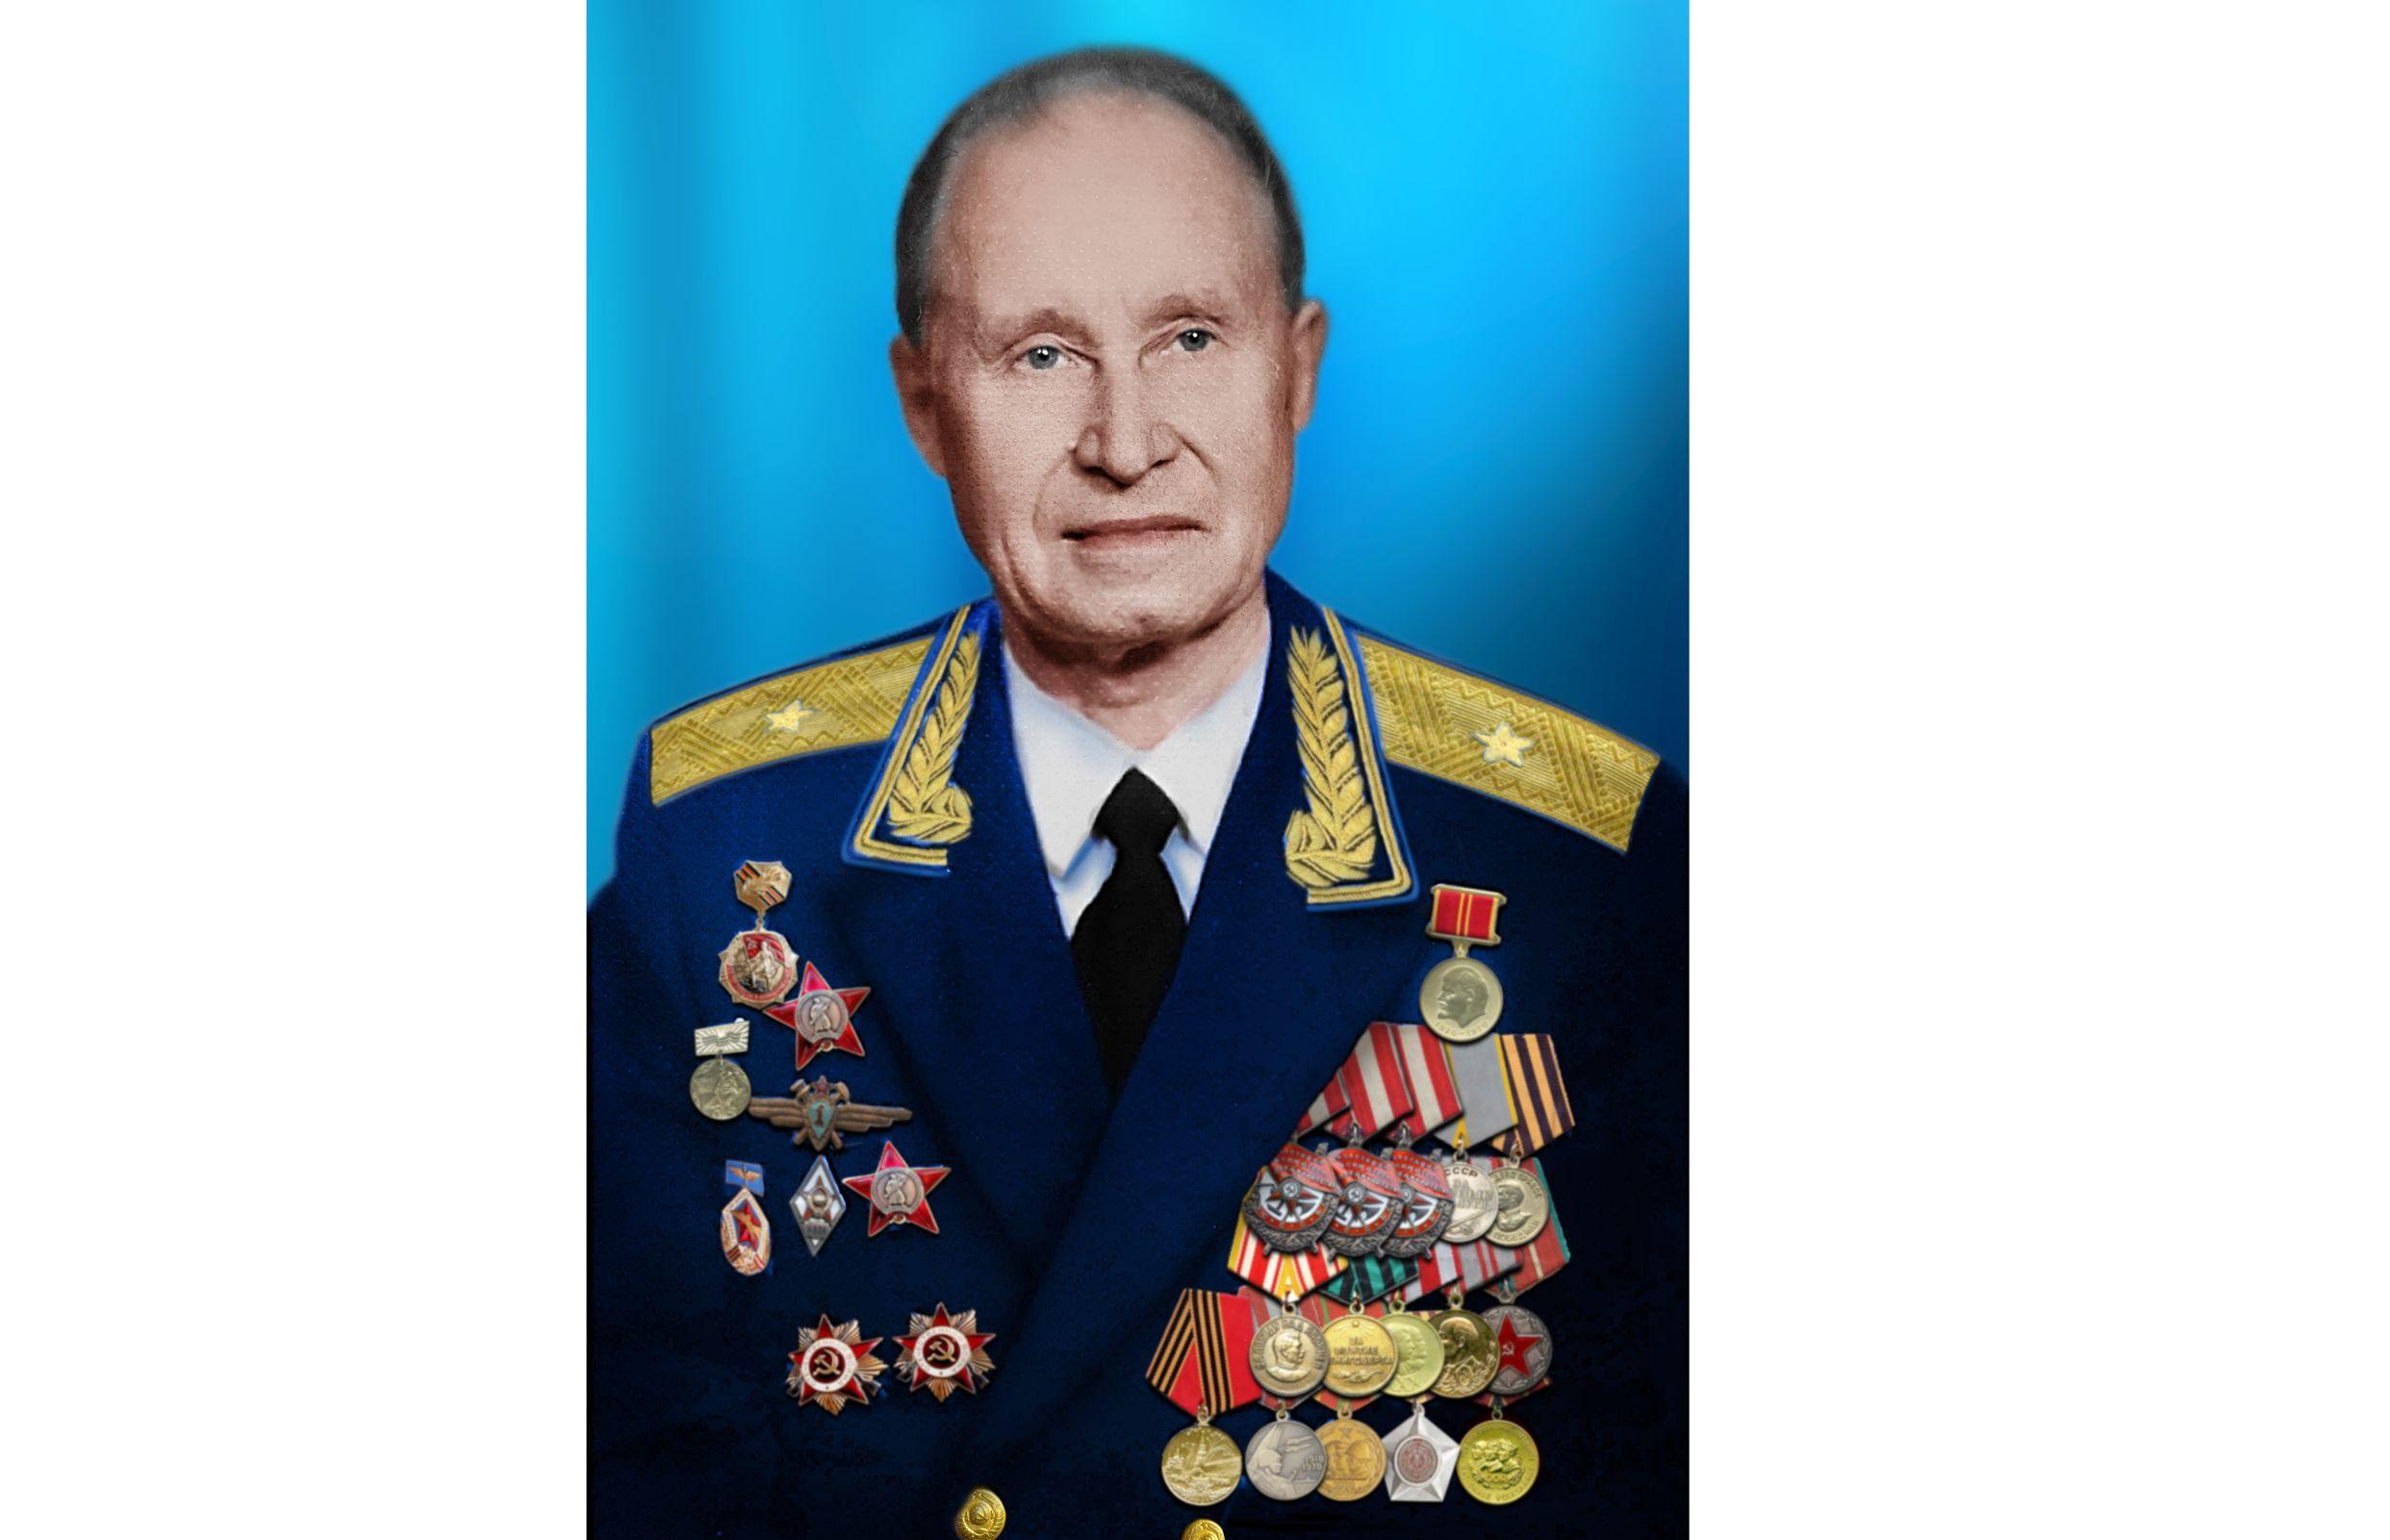 Его лестница в небо. Ярославский летчик совершил больше сотни боевых вылетов и сбил несколько немецких самолетов